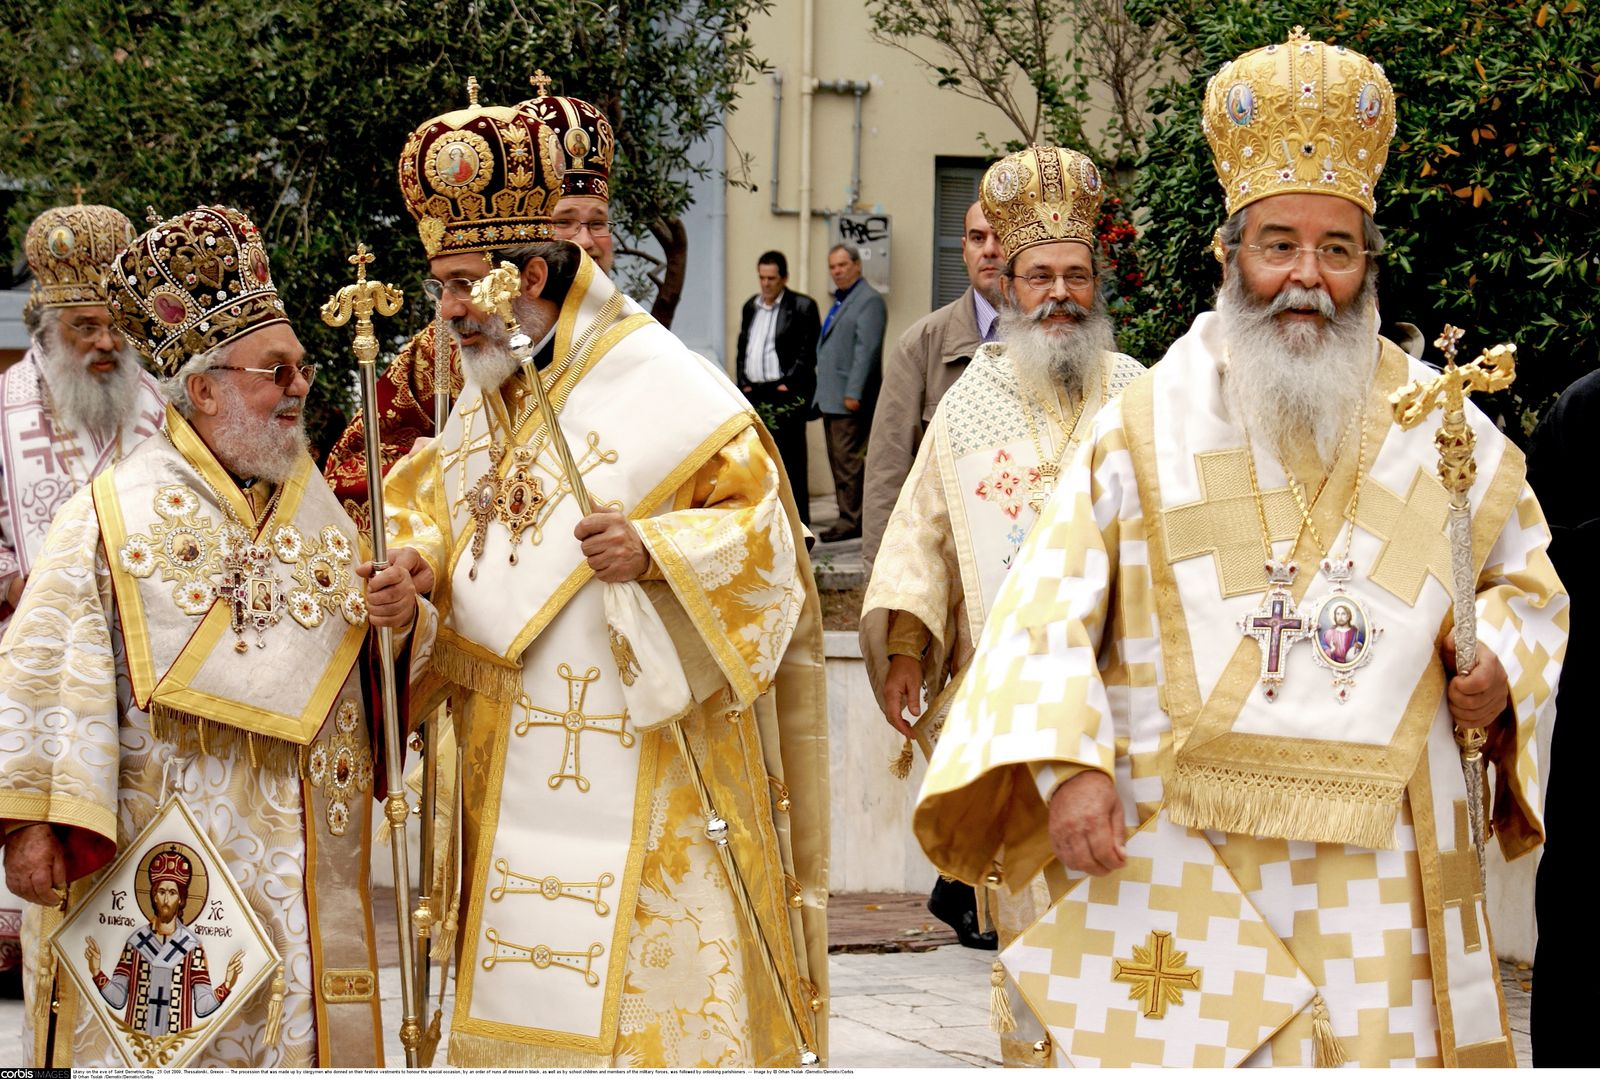 NICHT MEHR VERWENDEN! - SP 40/2012 S.100 Prozession Kleriker Thessaloniki